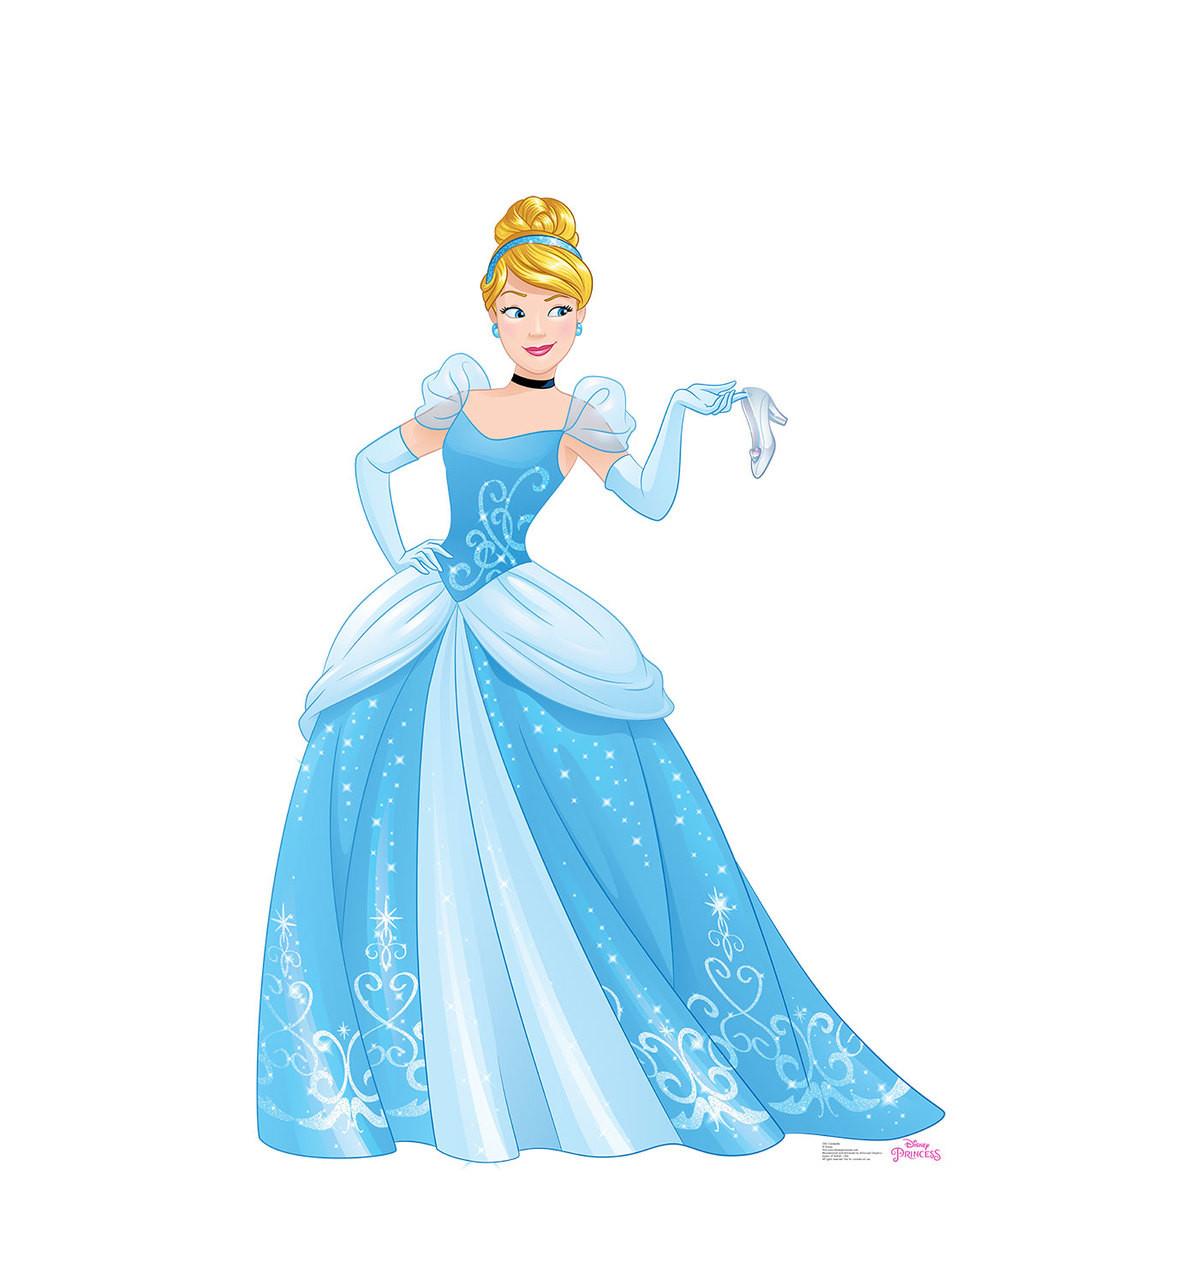 Life-size Cinderella - Friendship Adventures Cardboard Standup